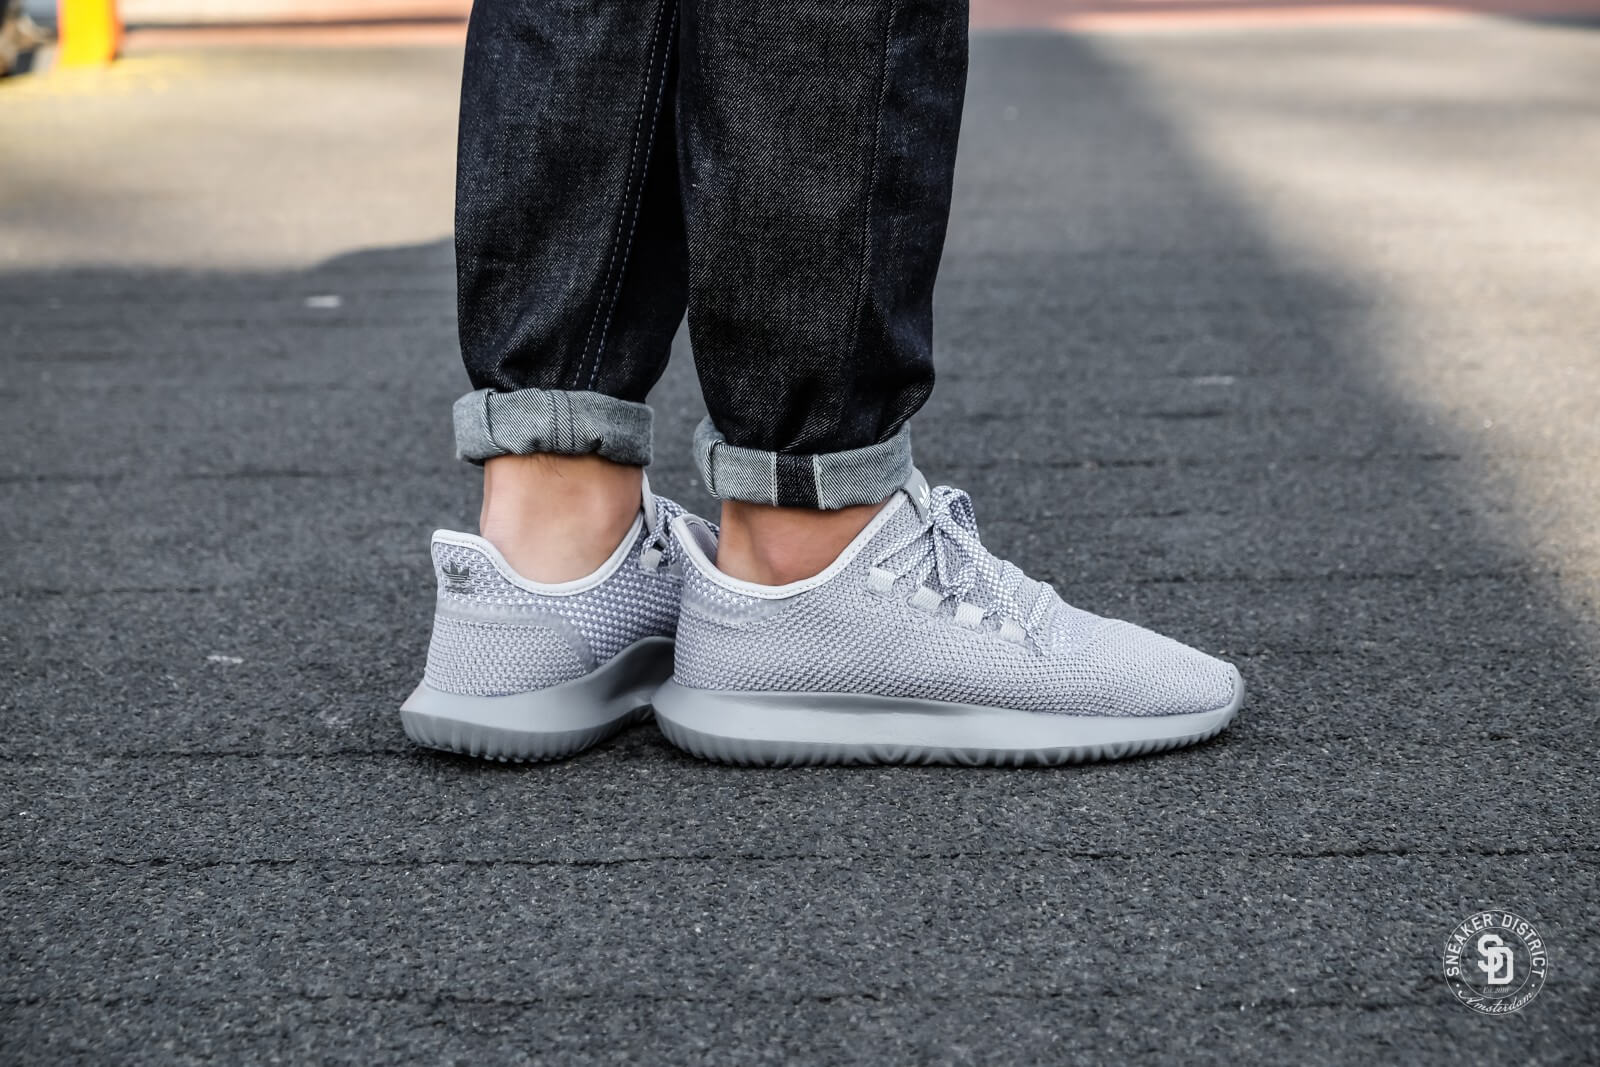 adidas Tubular Shadow Shoes | Adidas tubular shadow, Adidas